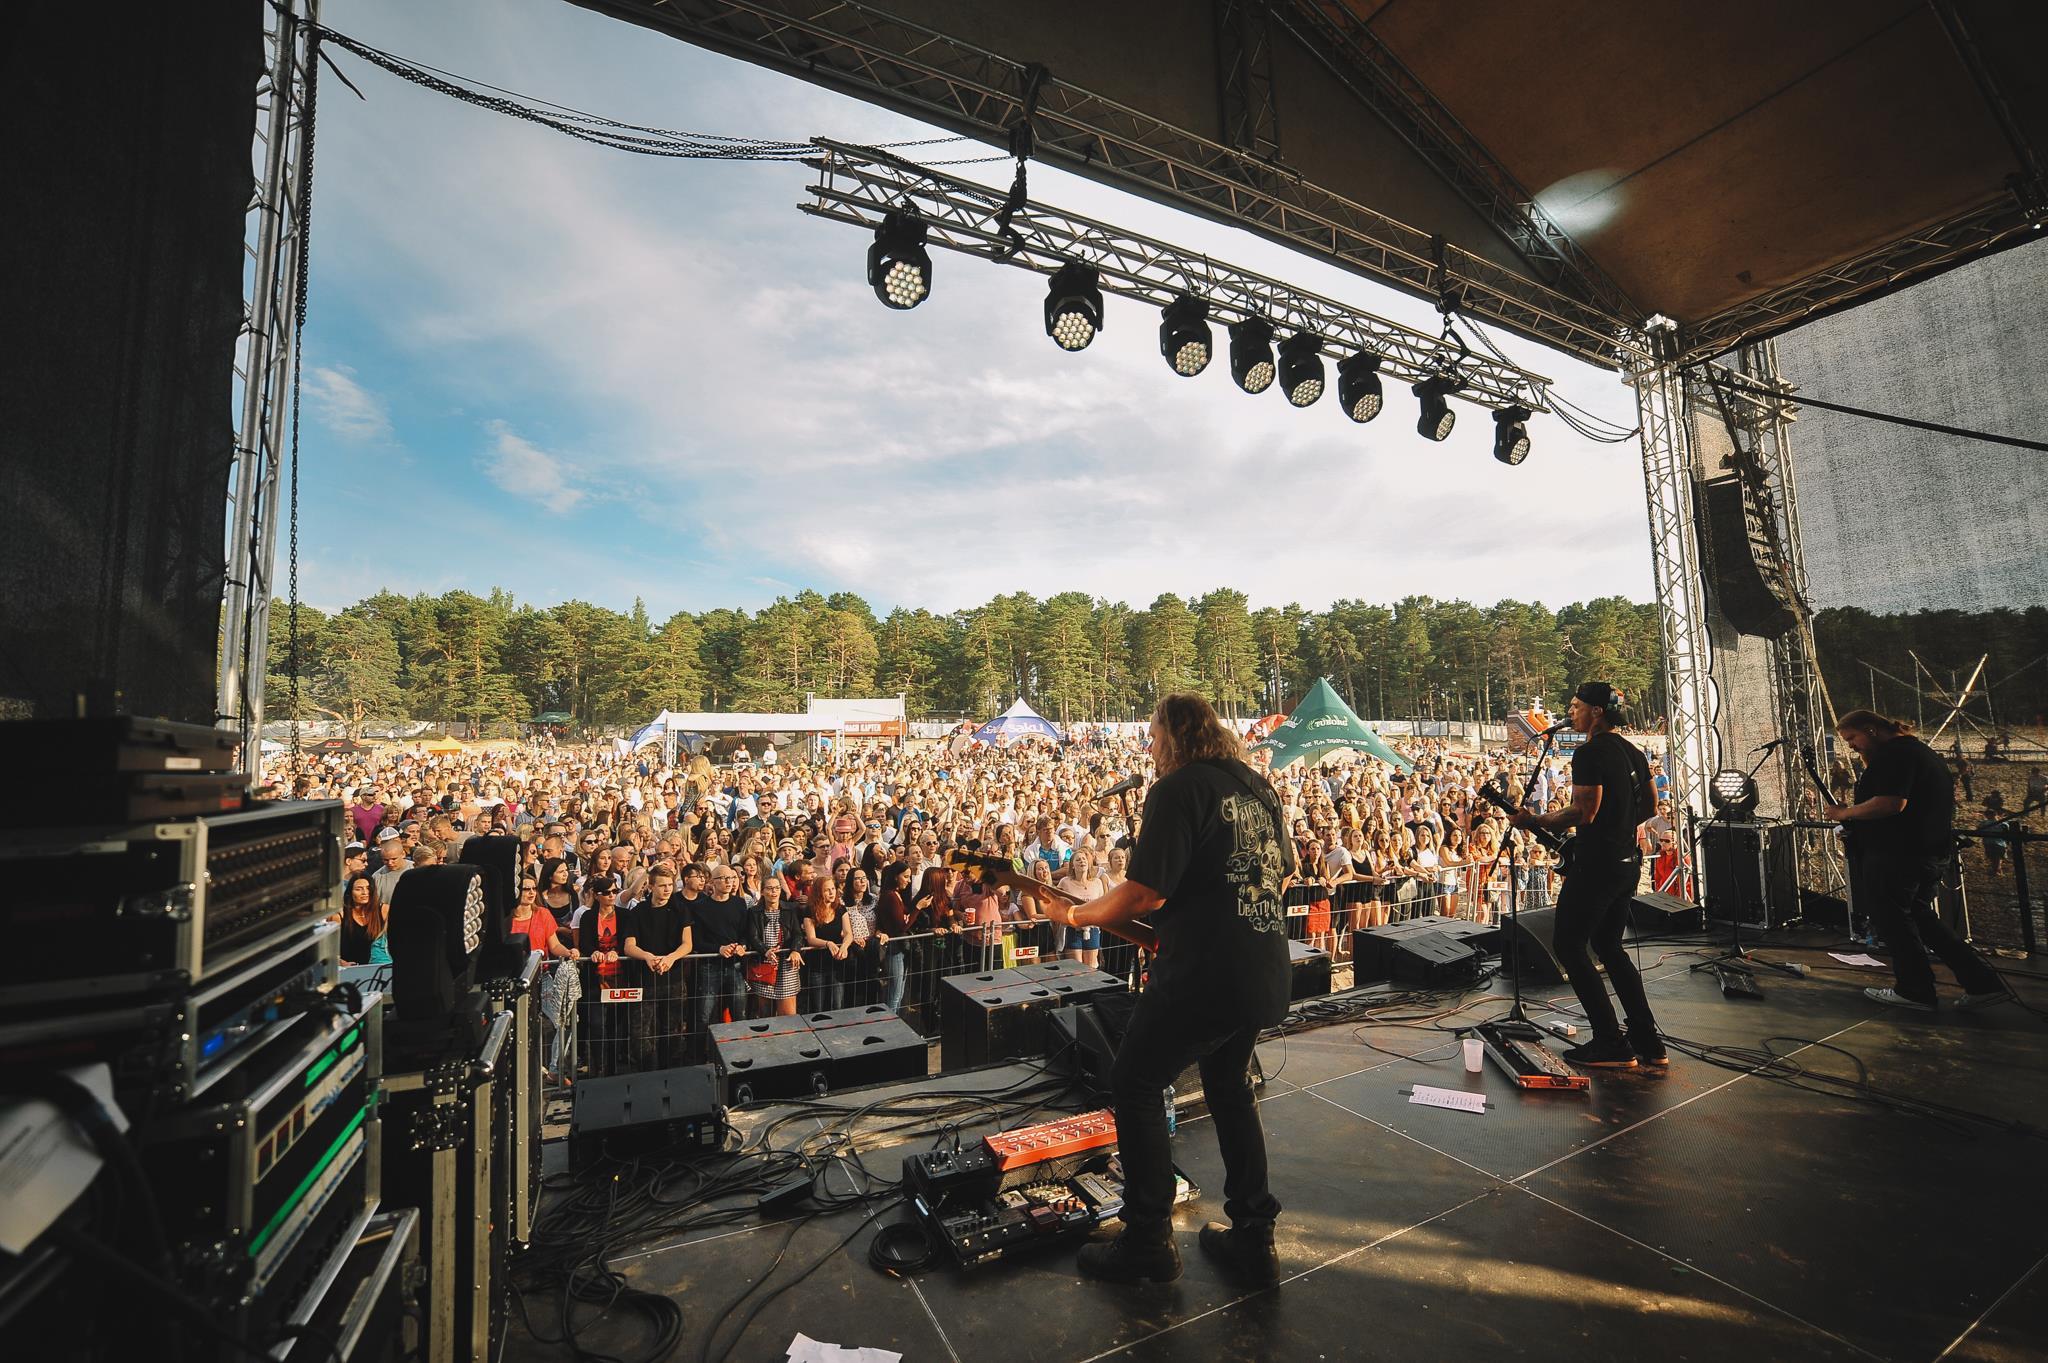 Võsu Rannafestivali peaesinejaks on maailmakuulus Rudimental